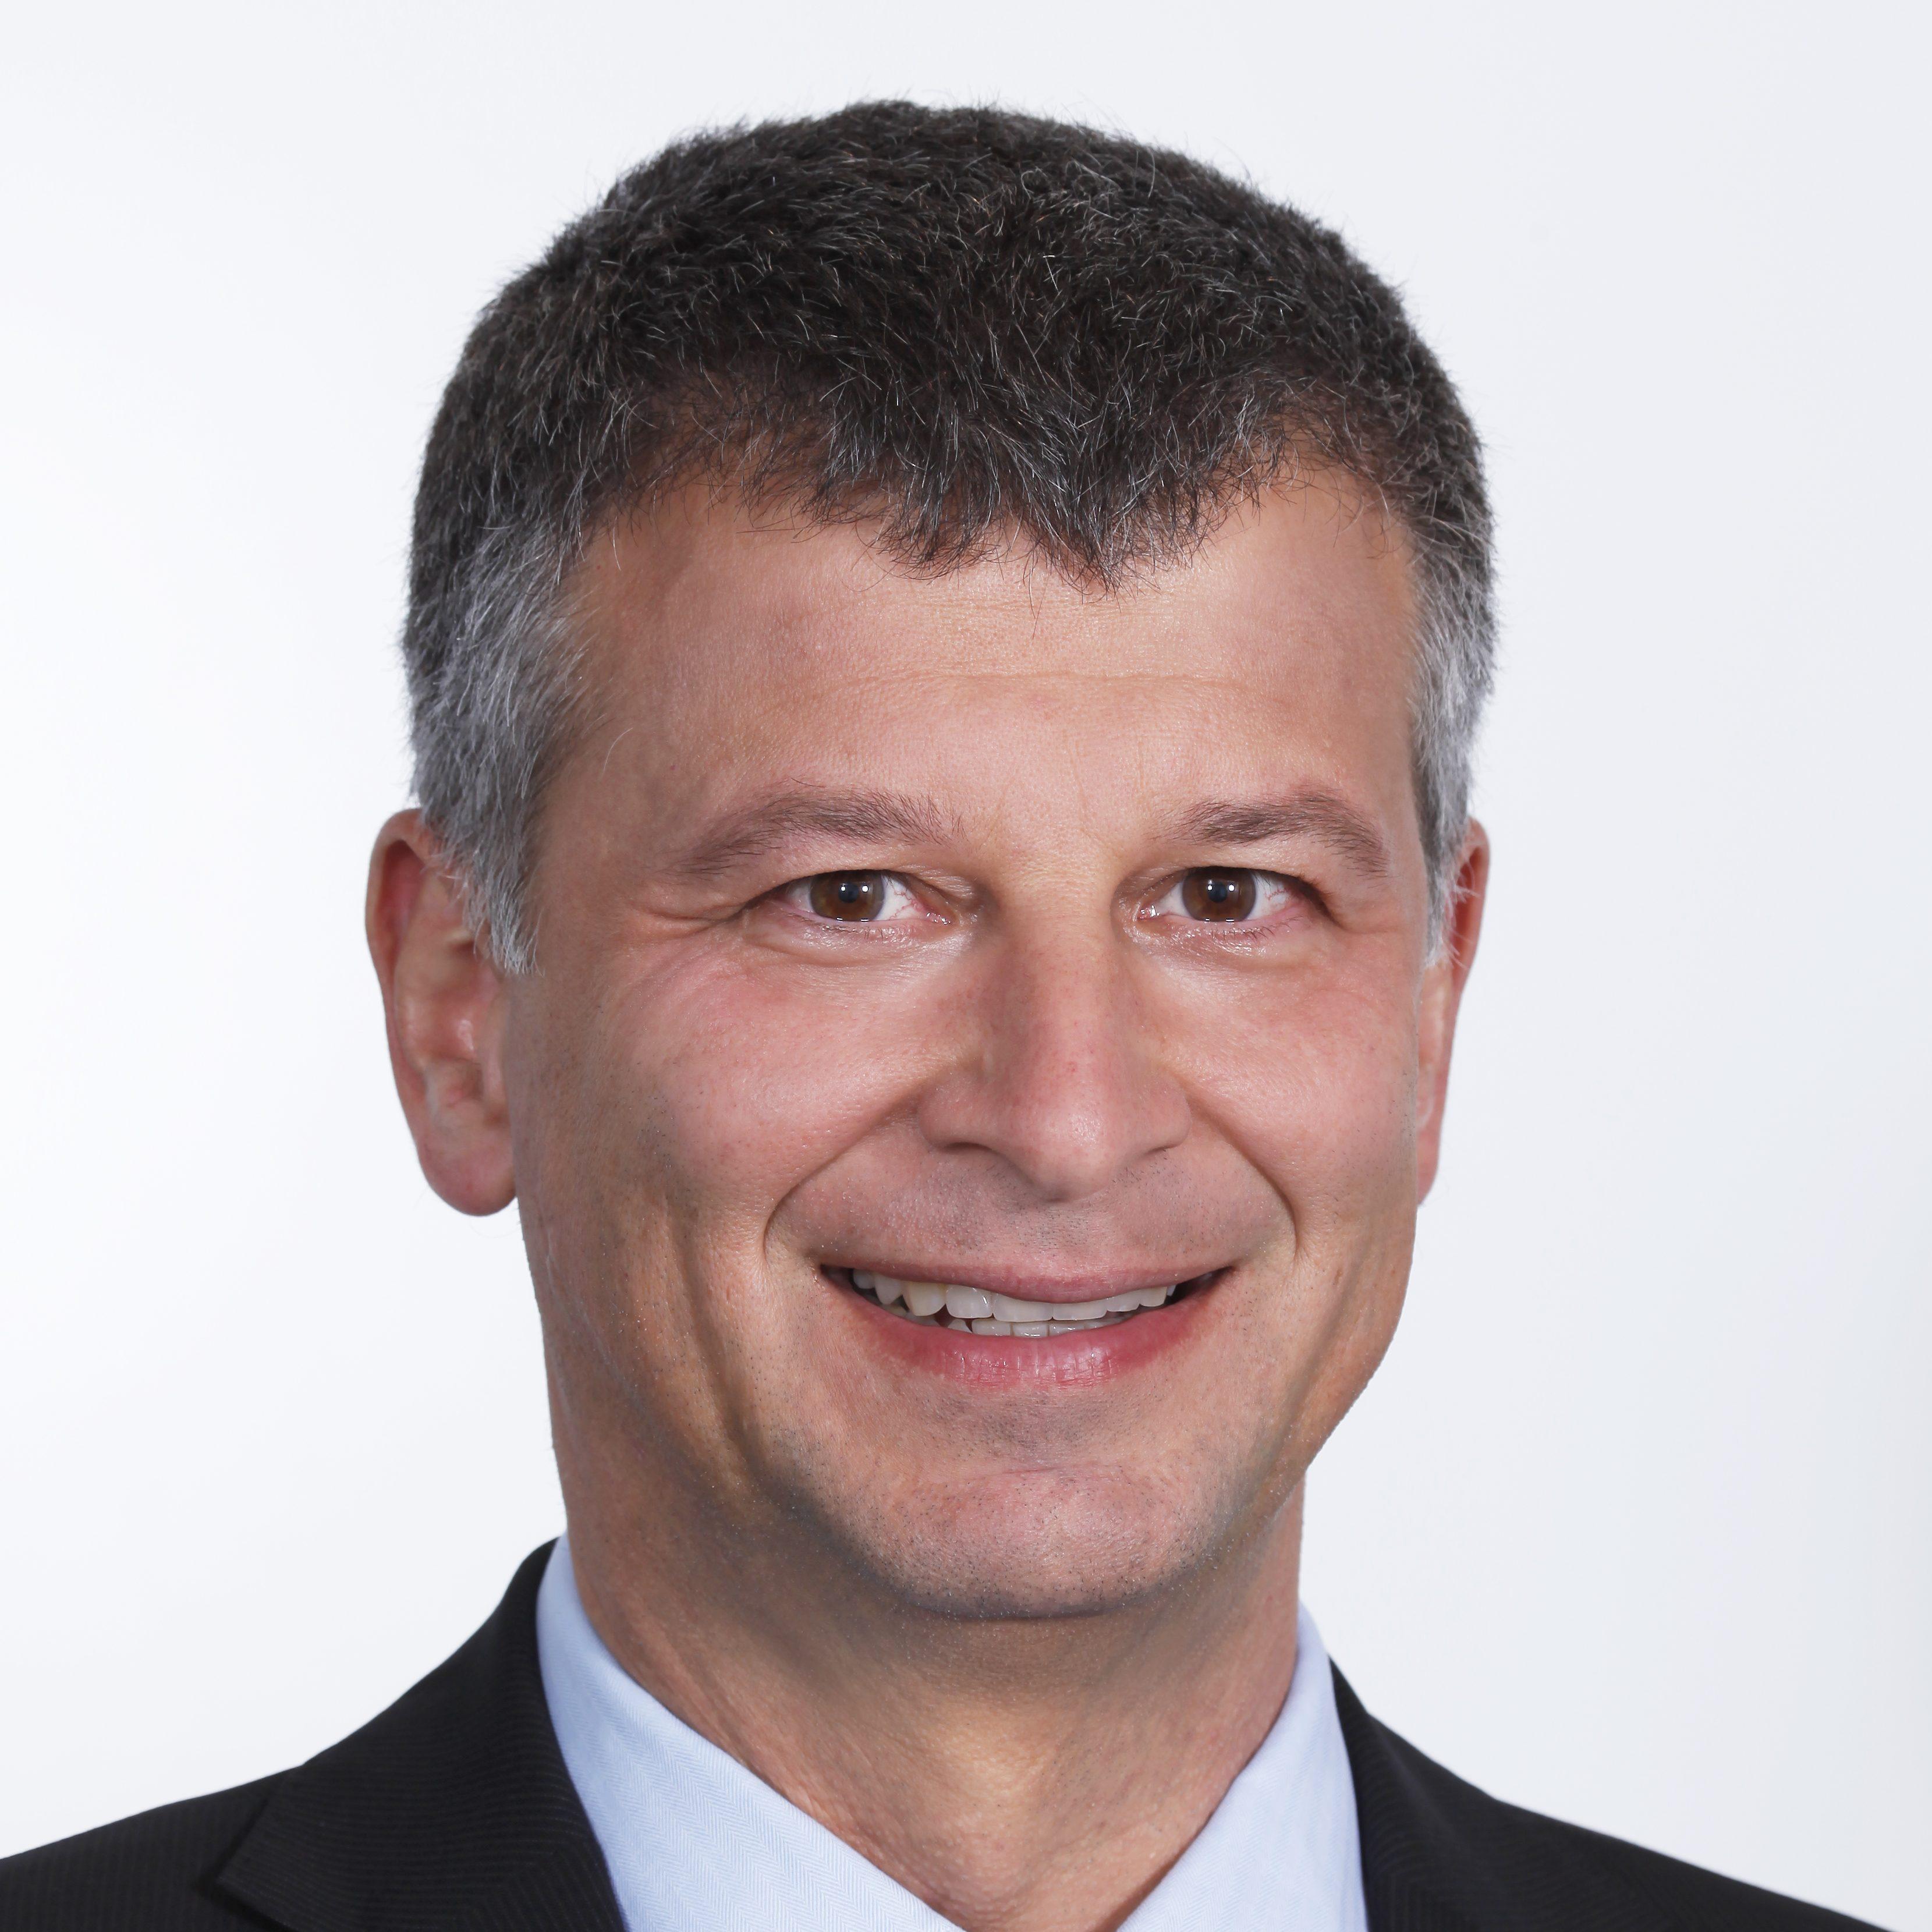 Franz-Josef Kaufmann